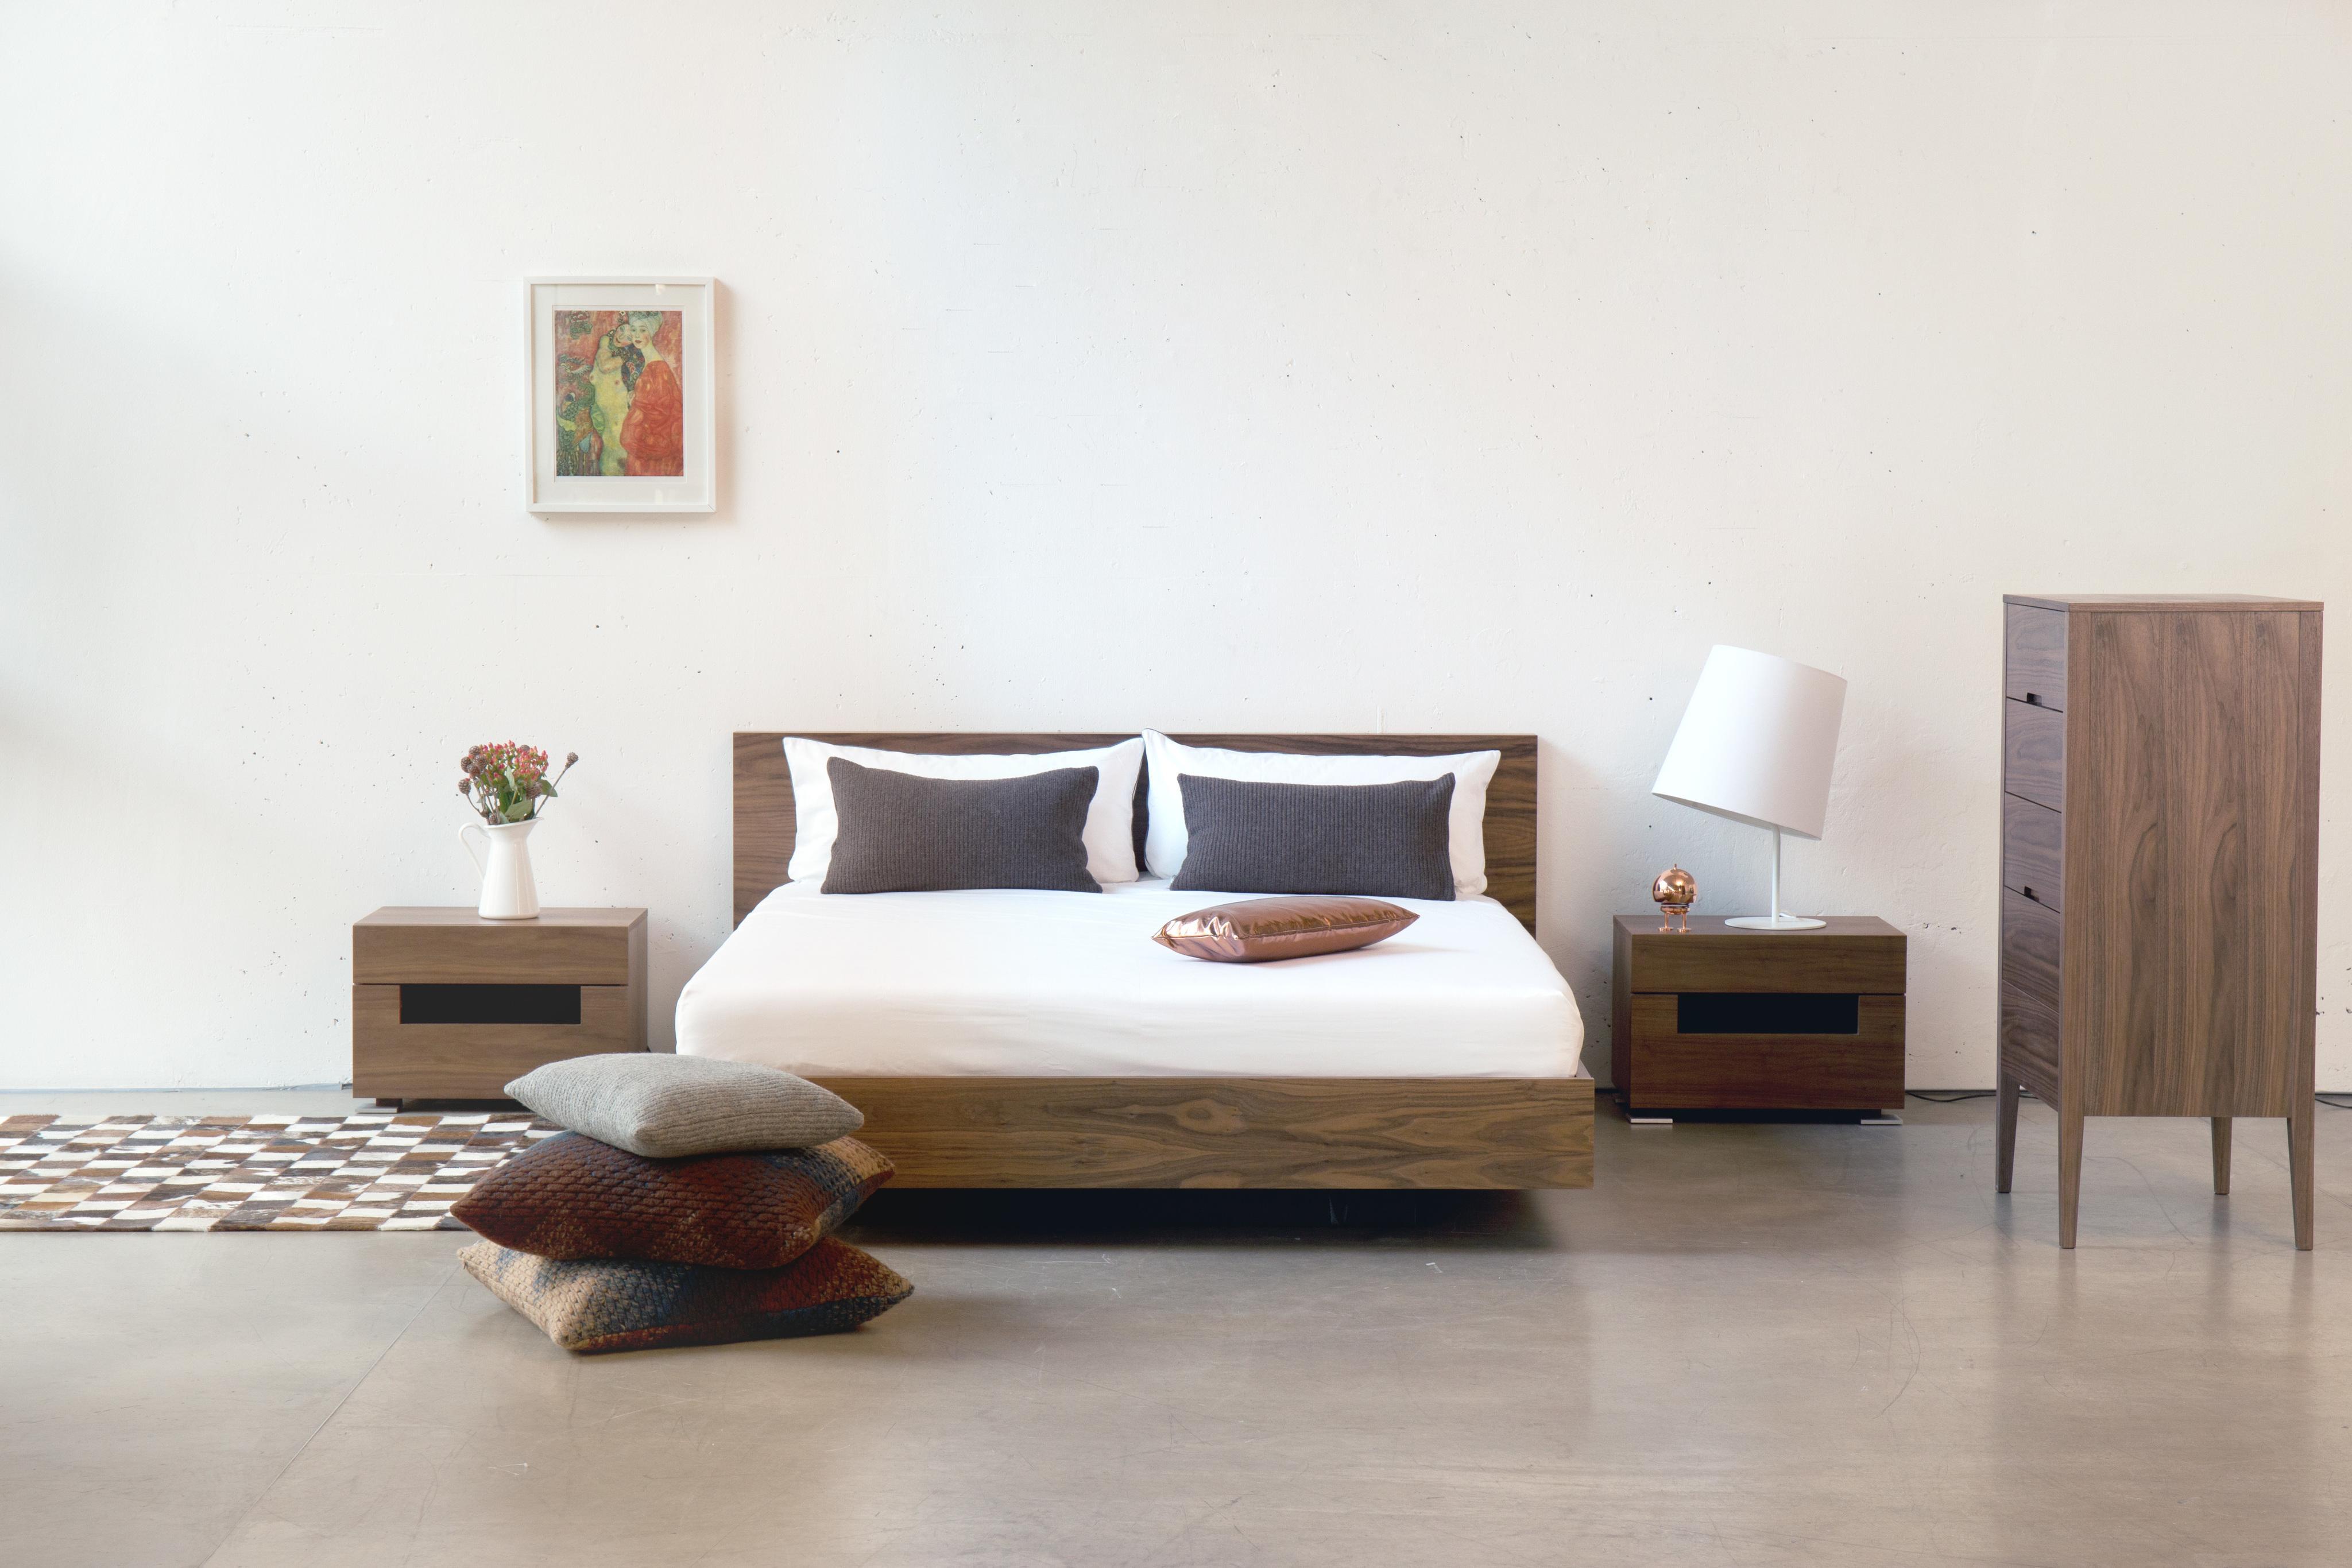 Modernes Schlafzimmer • Bilder & Ideen • Couchstyle